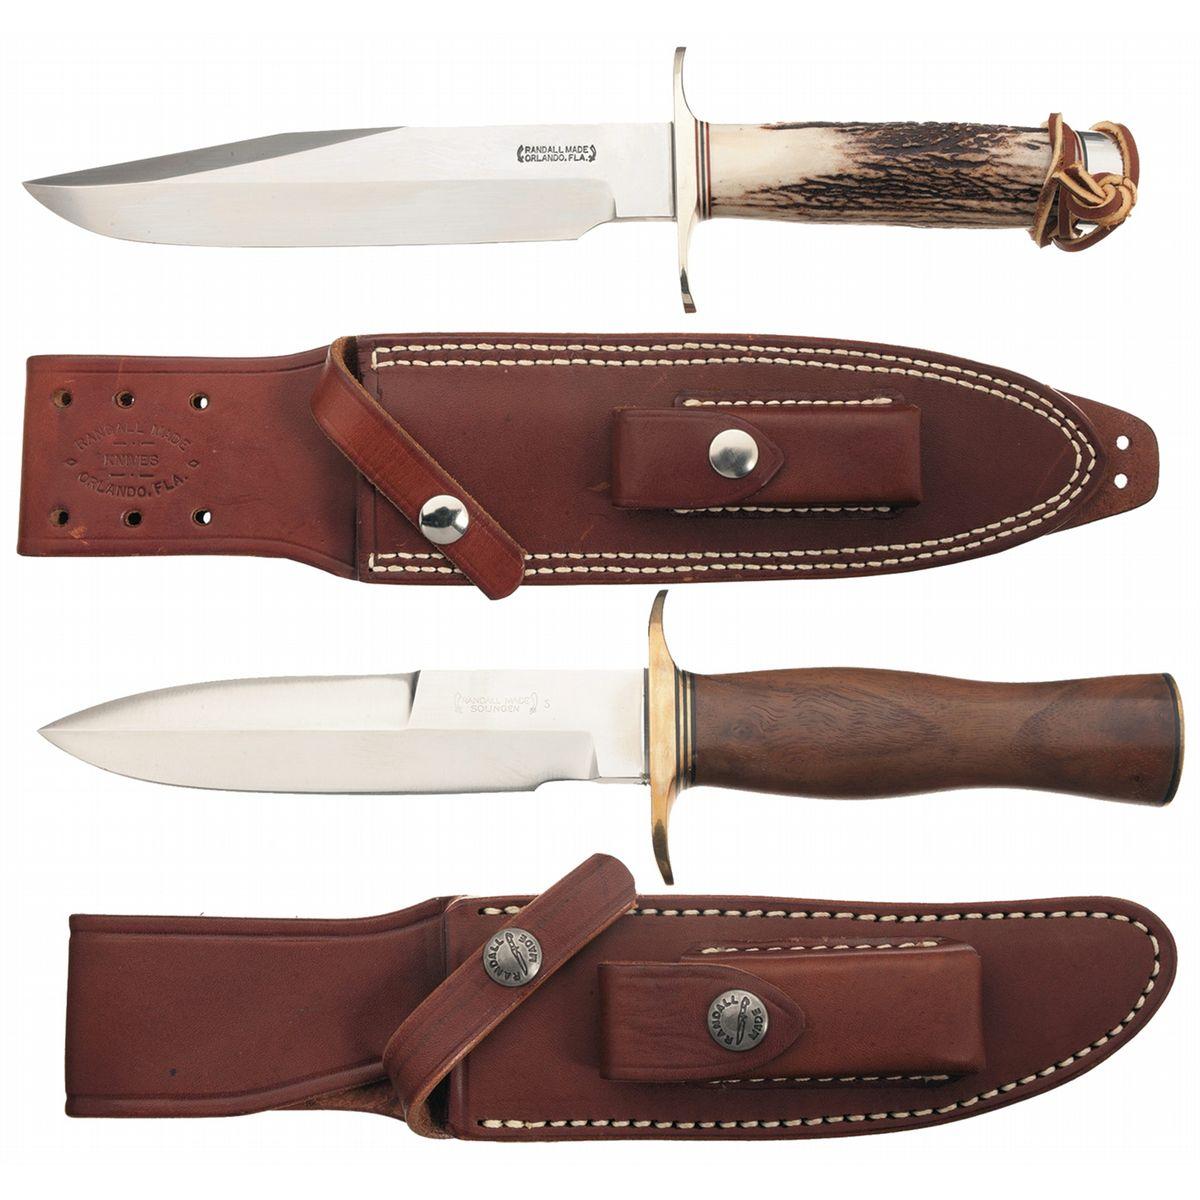 dating randall knive